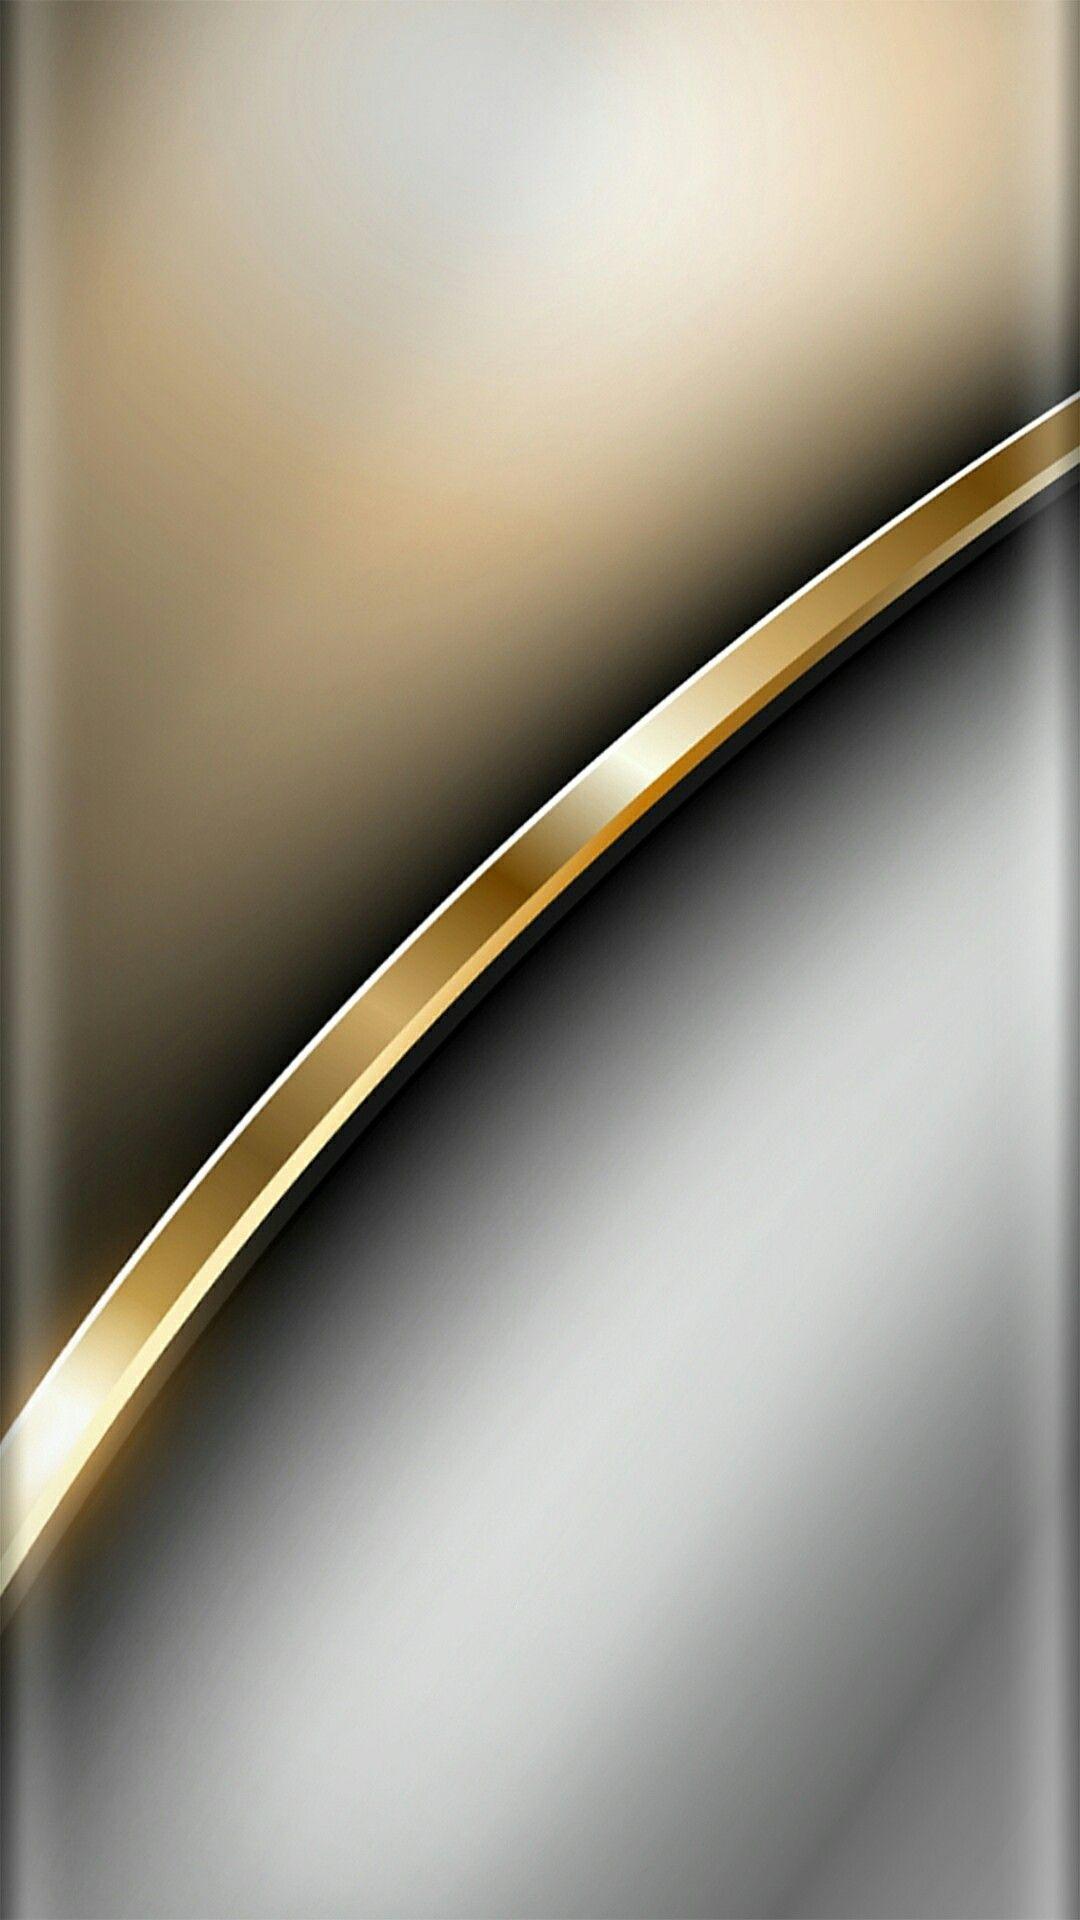 gold wallpaper handy